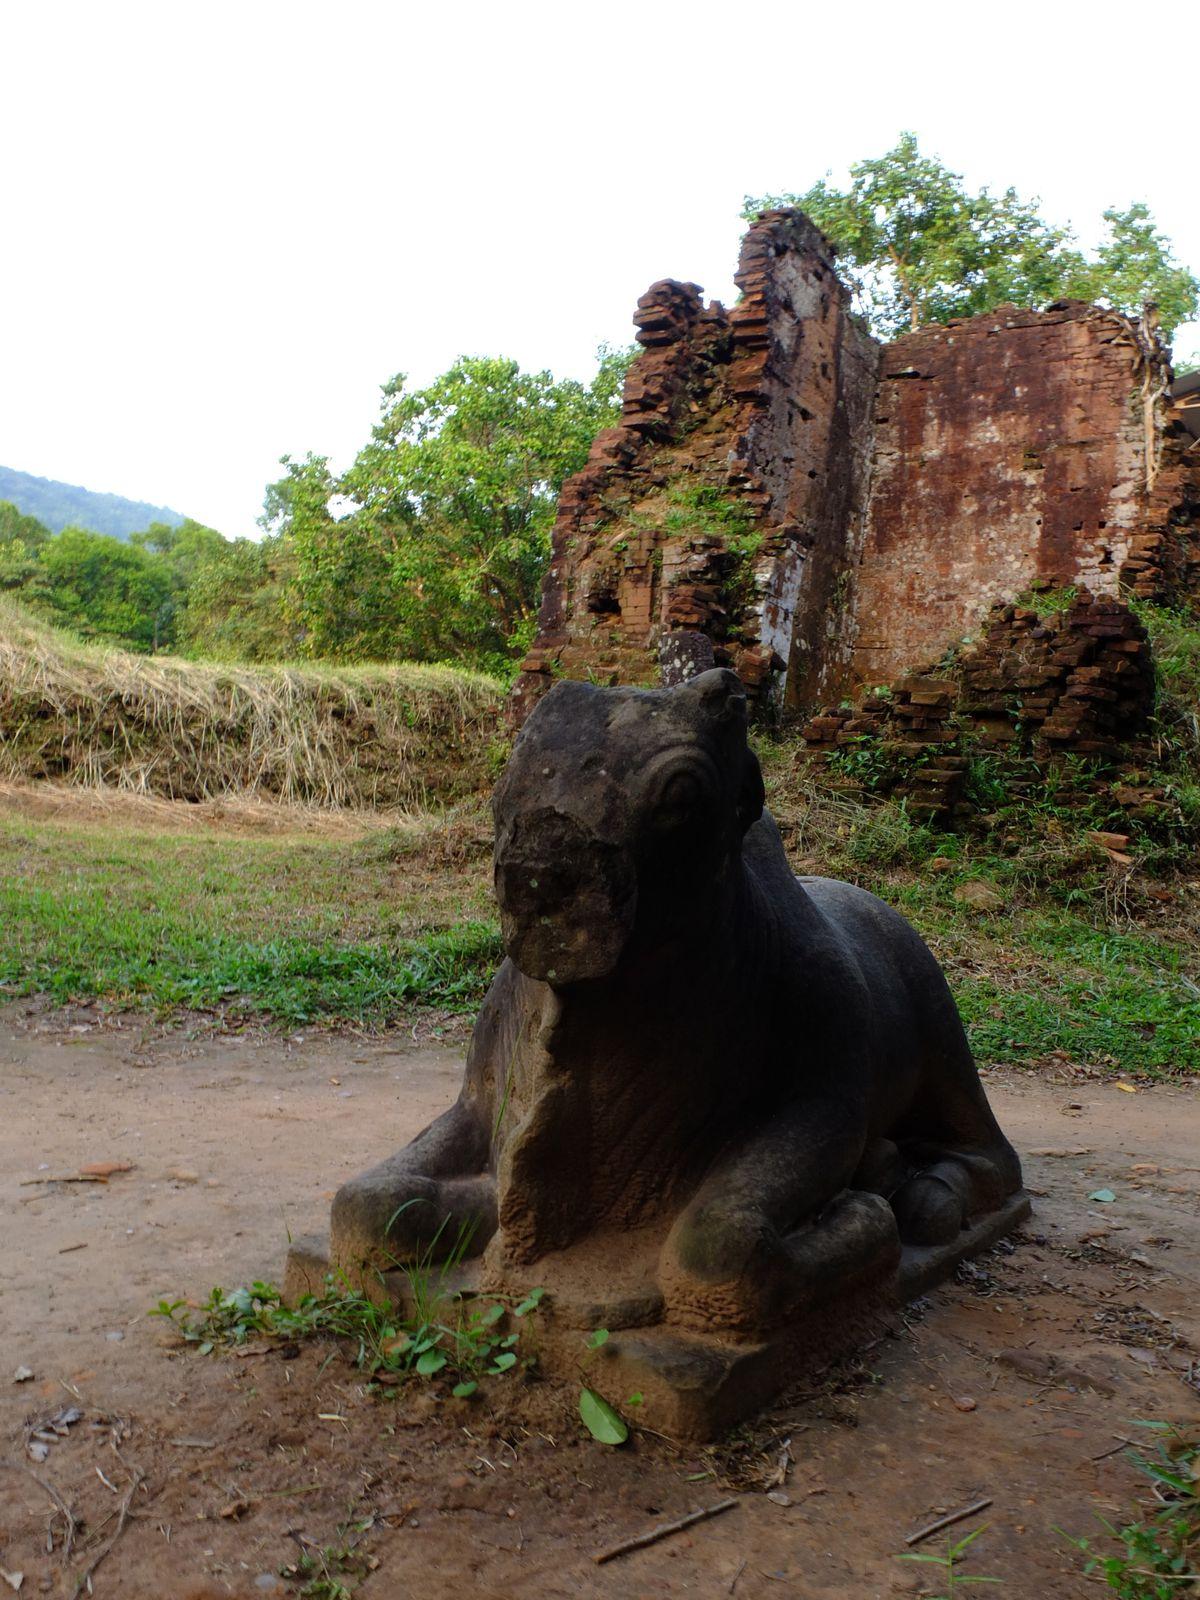 Empreintes de mystères, les ruines de My Son se dressent au milieu de la jungle, dans une vallée verdoyante à 55km au nord de Hoi An. Classés au patrimoine mondial par l'UNESCO, ce sont les plus importantes traces de l'ancien royaume Champa. Au cours du IVe siècle, My Son devient un important centre religieux et fut habitée jusqu'au XIIIe, soit plus longtemps que la plupart des cités sud-est asiatiques ! La plupart des temples étaient dédiés aux rois cham ainsi qu'à la divinité qui leur était associée : Shiva, fondateur et gardien du royaume. Le royaume du Champa connut son apogée entre le IIe et le XVe siècles. A partir de l'actuelle Danang (centre Viêt Nam), son sanctuaire d'origine, le royaume s'étendit progressivement vers le sud. Ses relations commerciales avec l'Inde influencèrent cette civilisation qui adopta l'hindouisme, utilisa la sankrit comme langue sacrée et s'inspira de l'art et de l'architecture indiens. Les Cham, au nombre de 100.000, restent  aujourd'hui une minorité ethnique au Viêt Nam.Empreintes de mystères, les ruines de My Son se dressent au milieu de la jungle, dans une vallée verdoyante à 55km au nord de Hoi An. Classés au patrimoine mondial par l'UNESCO, ce sont les plus importantes traces de l'ancien royaume Champa. Au cours du IVe siècle, My Son devient un important centre religieux et fut habitée jusqu'au XIIIe, soit plus longtemps que la plupart des cités sud-est asiatiques ! La plupart des temples étaient dédiés aux rois cham ainsi qu'à la divinité qui leur était associée : Shiva, fondateur et gardien du royaume. Le royaume du Champa connut son apogée entre le IIe et le XVe siècles. A partir de l'actuelle Danang (centre Viêt Nam), son sanctuaire d'origine, le royaume s'étendit progressivement vers le sud. Ses relations commerciales avec l'Inde influencèrent cette civilisation qui adopta l'hindouisme, utilisa la sankrit comme langue sacrée et s'inspira de l'art et de l'architecture indiens. Les Cham, au nombre de 100.000, restent  aujour